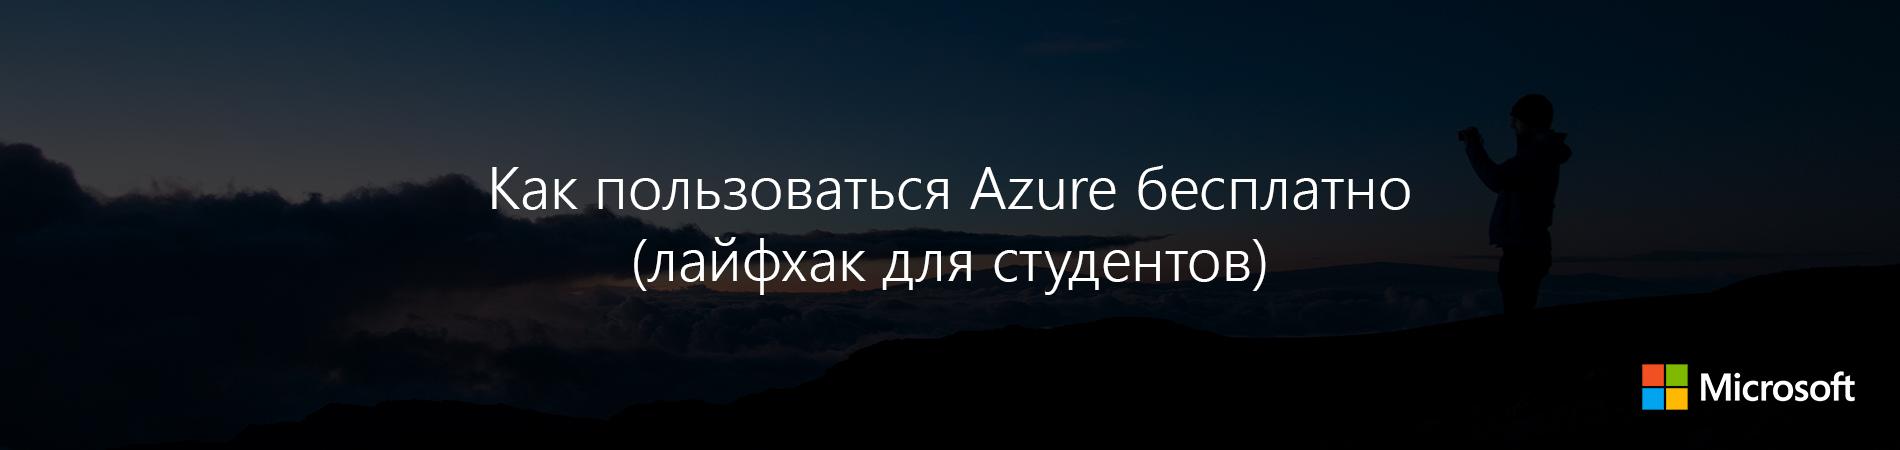 Как пользоваться Azure бесплатно (лайфхак для студентов)